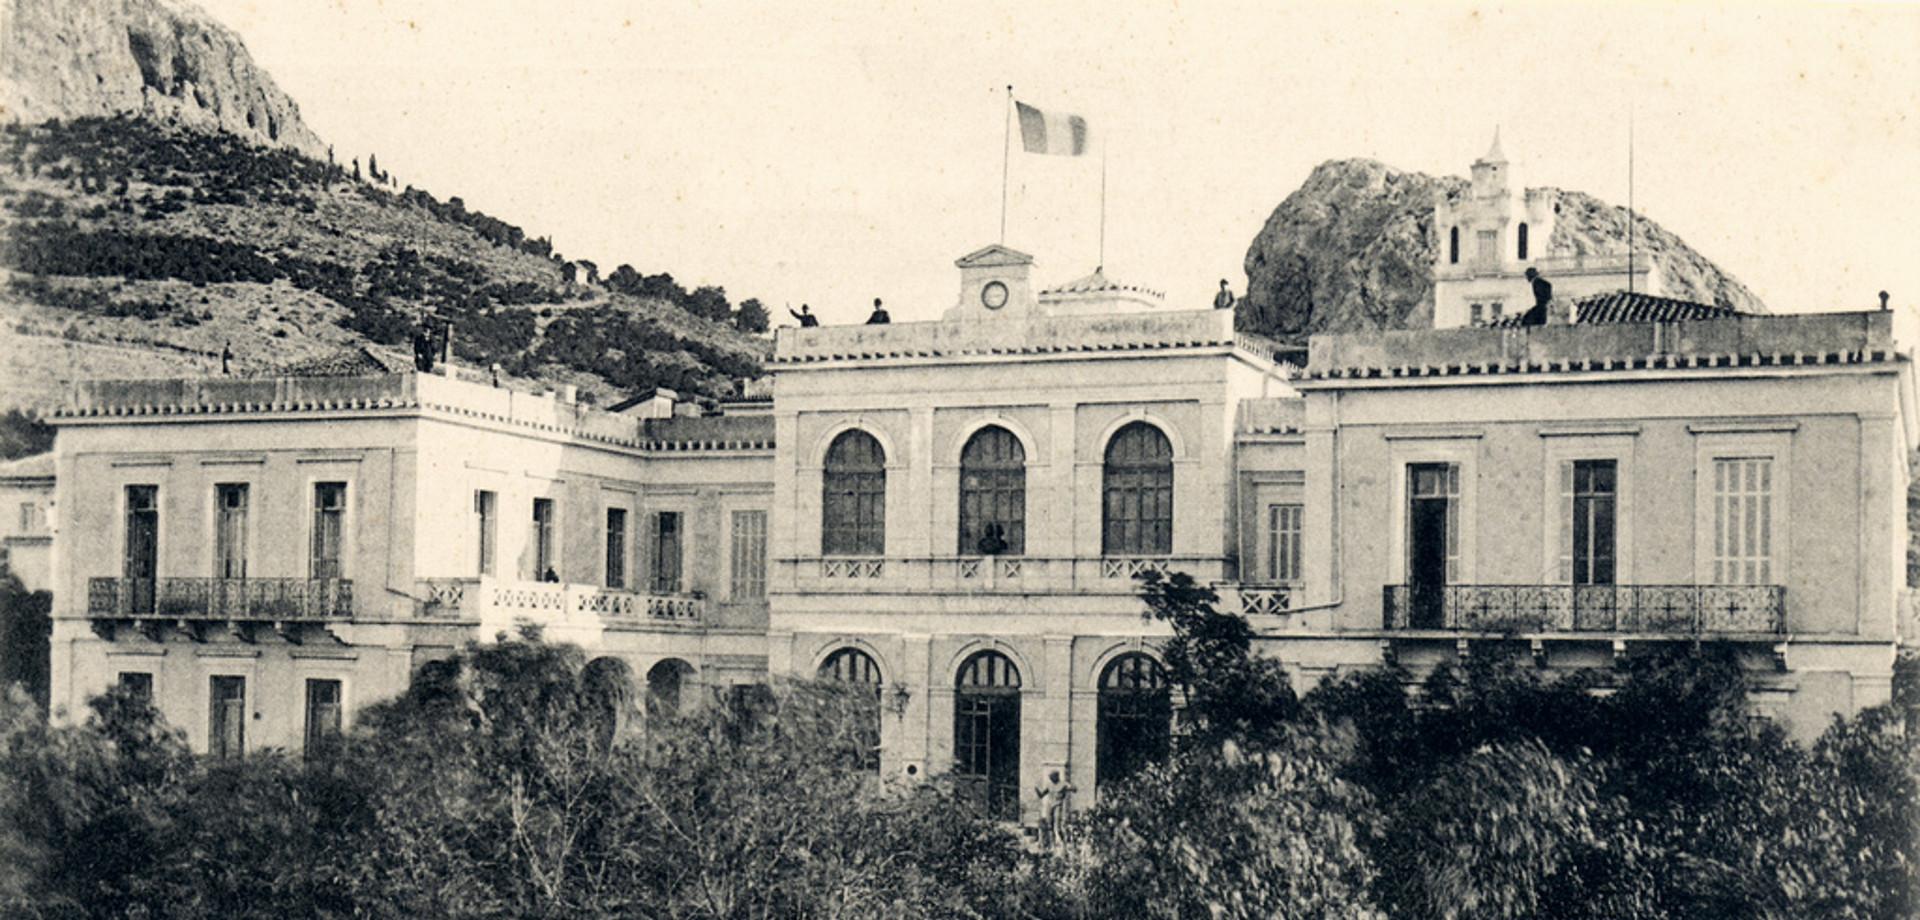 Η Γαλλική Σχολή Αθηνών στο Κολωνάκι